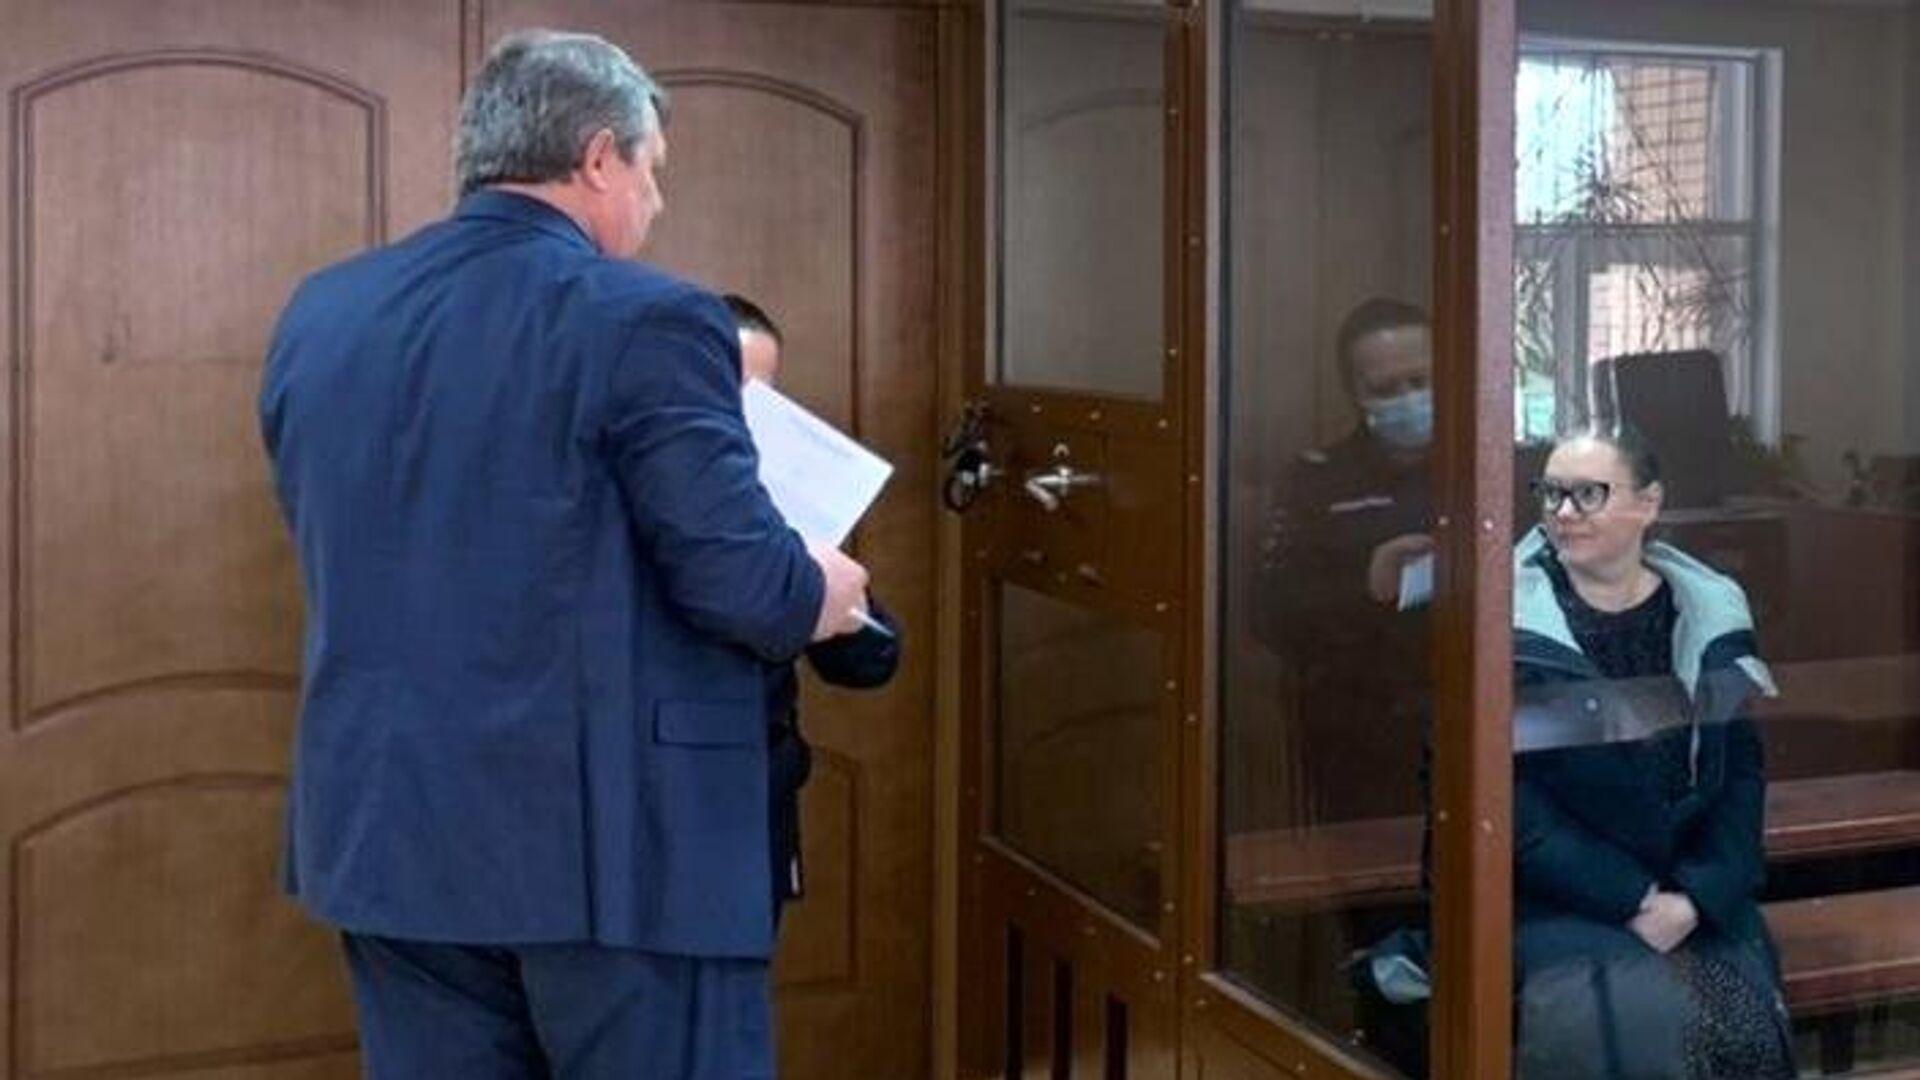 Управляющая отелем Вечный зов Евгения Чумаколенко в зале Пресненского суда, где ей избирают меру пресечения по делу о гибели двух человек при пожаре в гостинице - РИА Новости, 1920, 06.05.2021